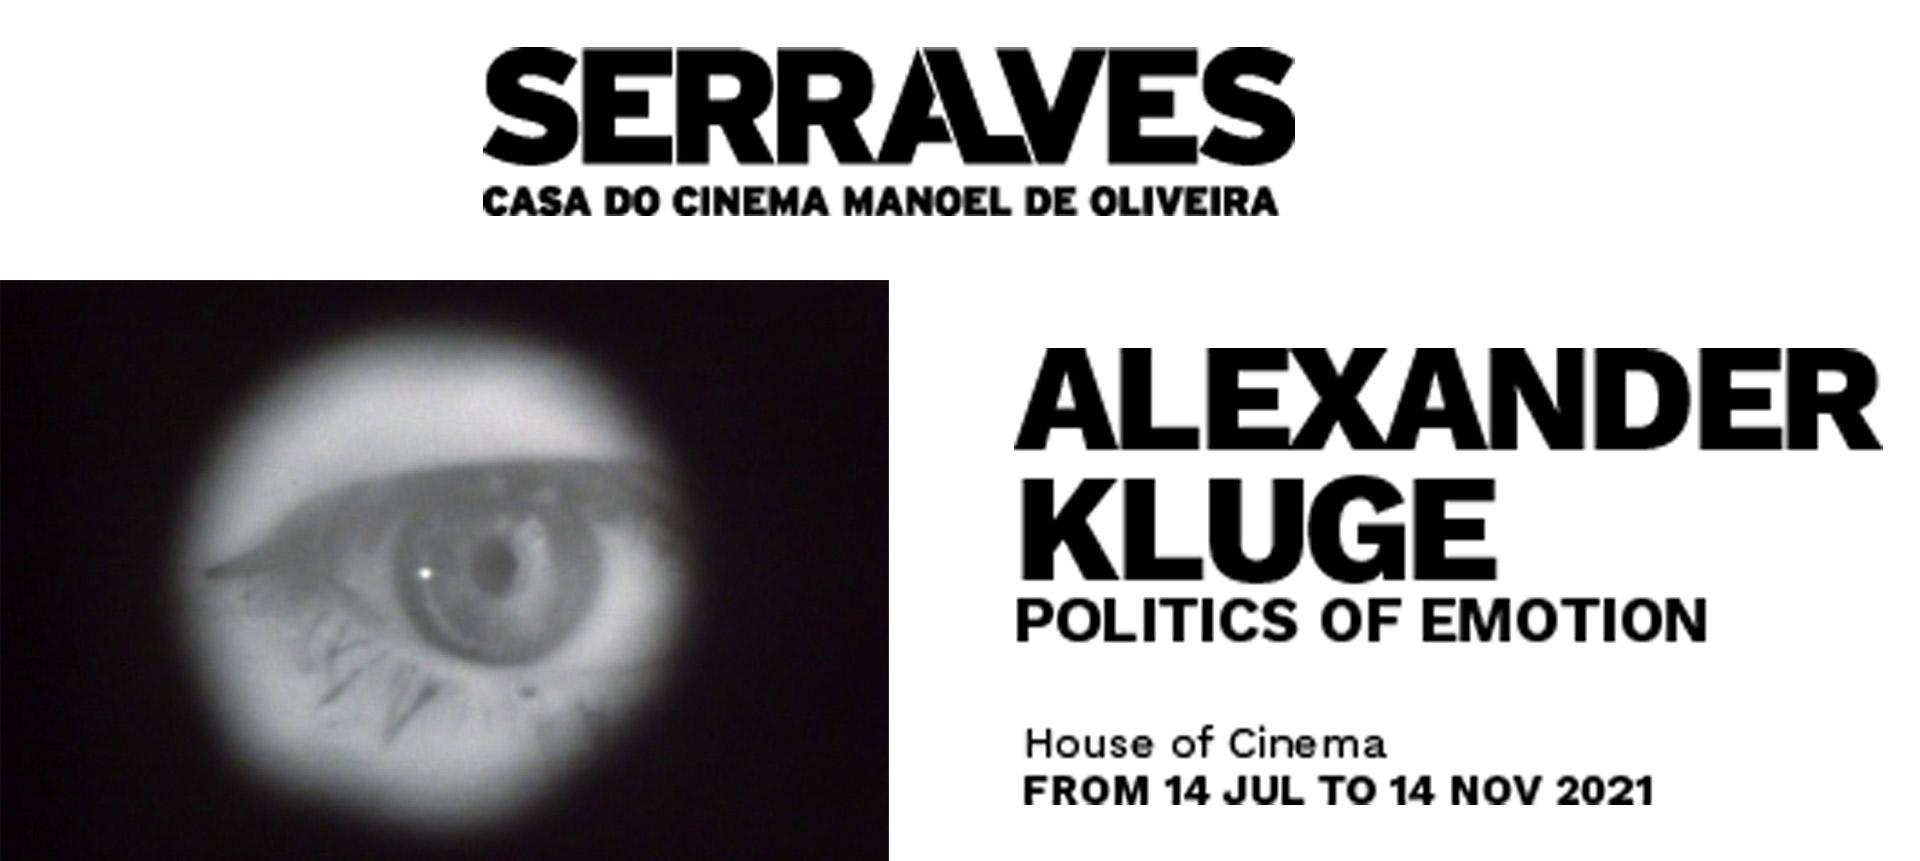 Alexander Kluge – Politics of Emotion (Porto/ Casa do Cinema Manoel de Oliveira – Fundaçao Serralves, Portugal)